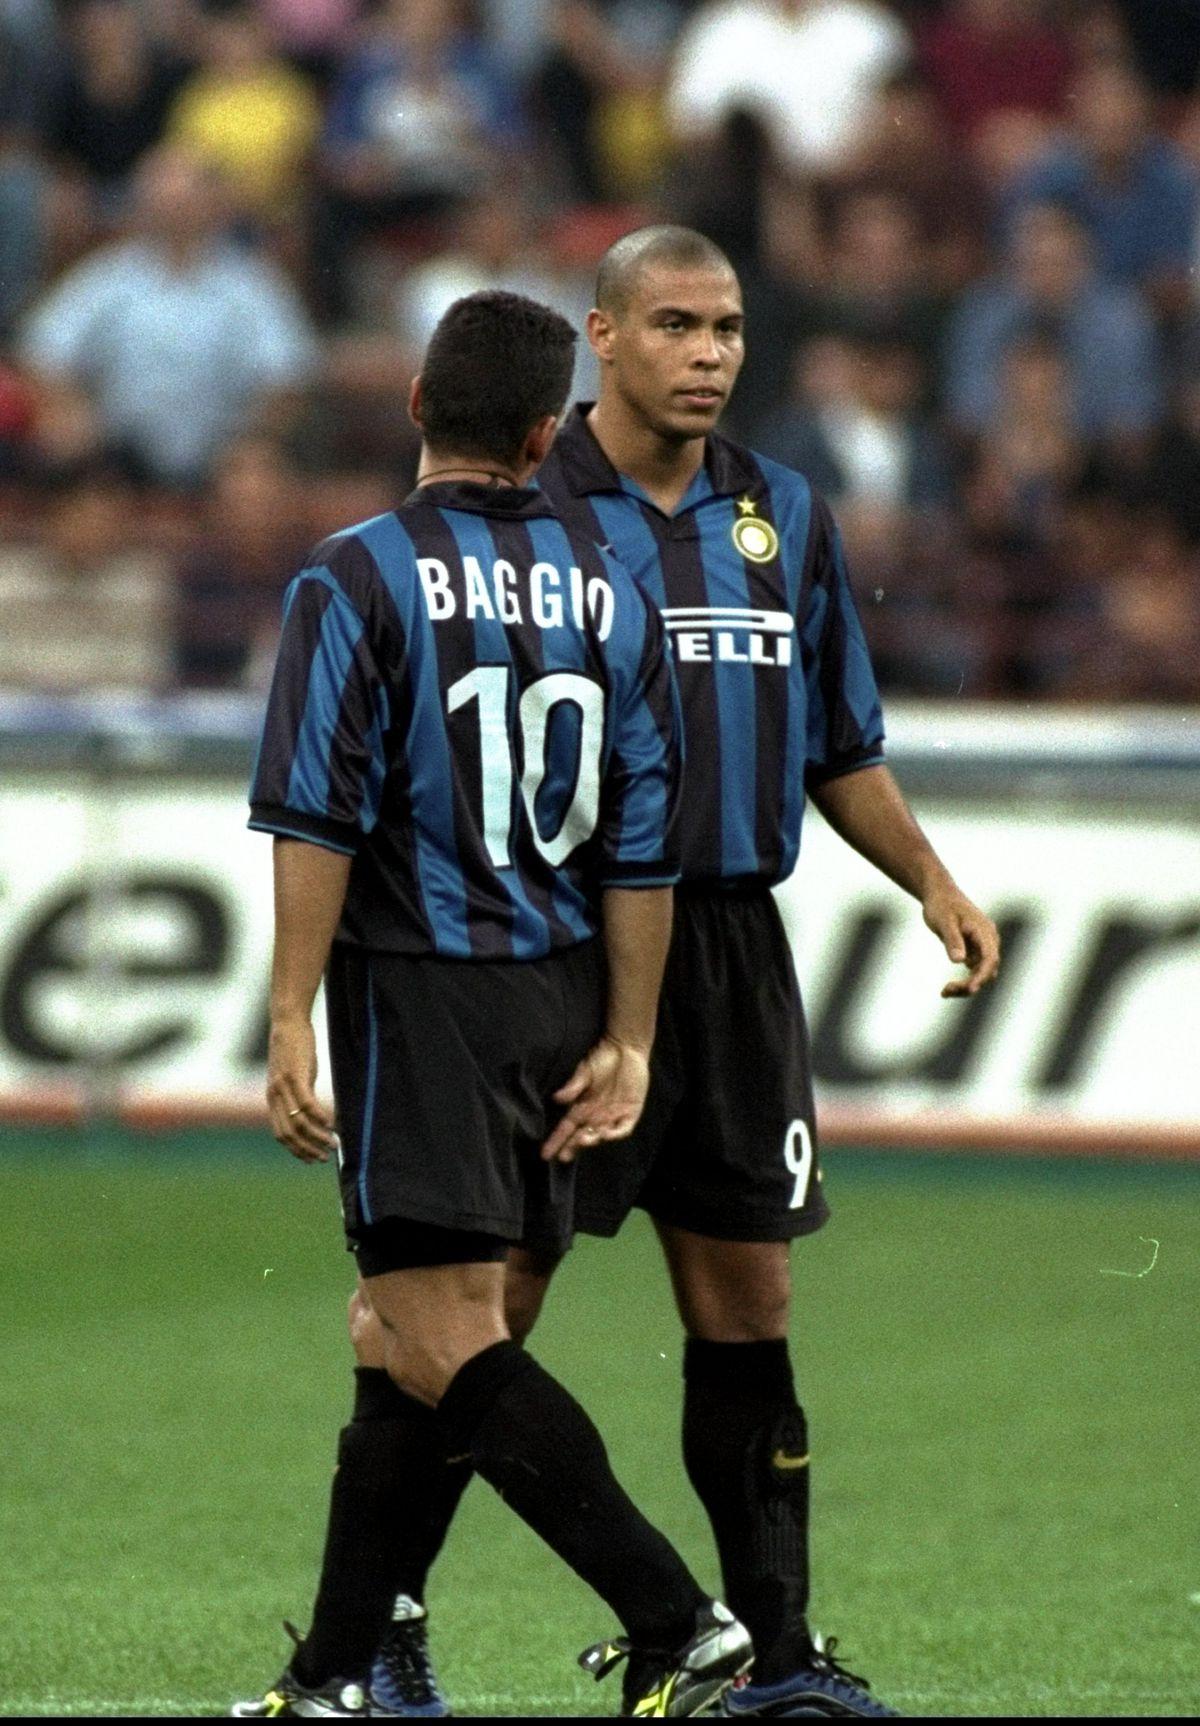 Roberto Baggio and team mate Ronaldo of Inter